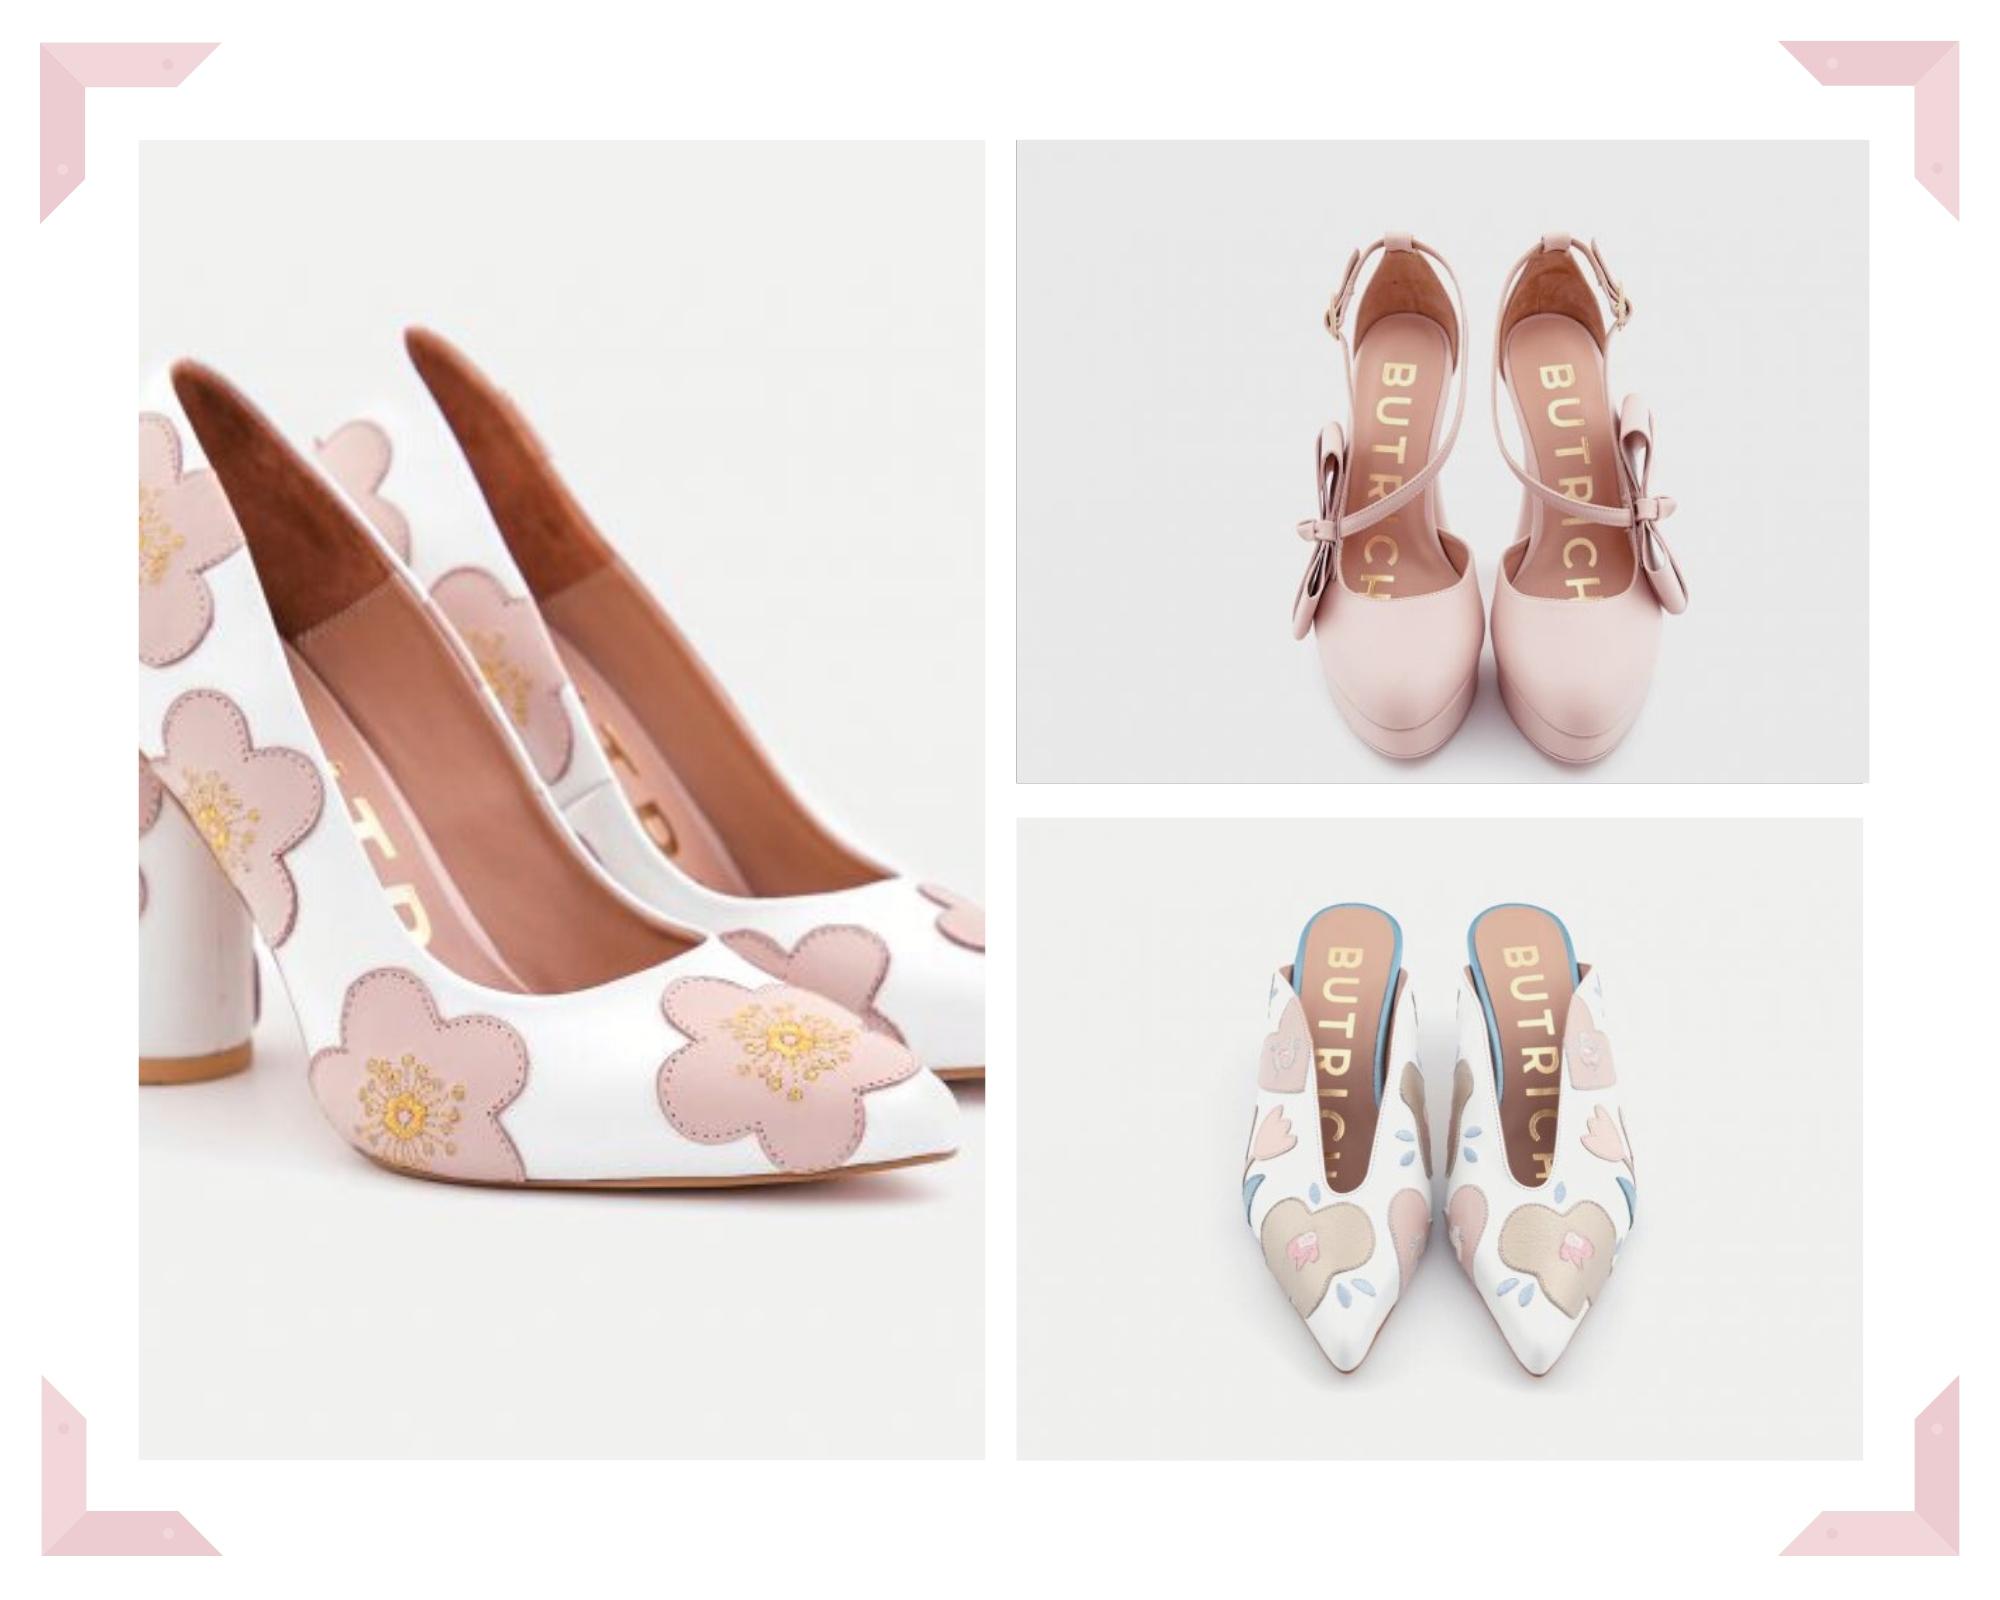 Butrich Bride, la nueva línea de zapatos de Jessica Butrich